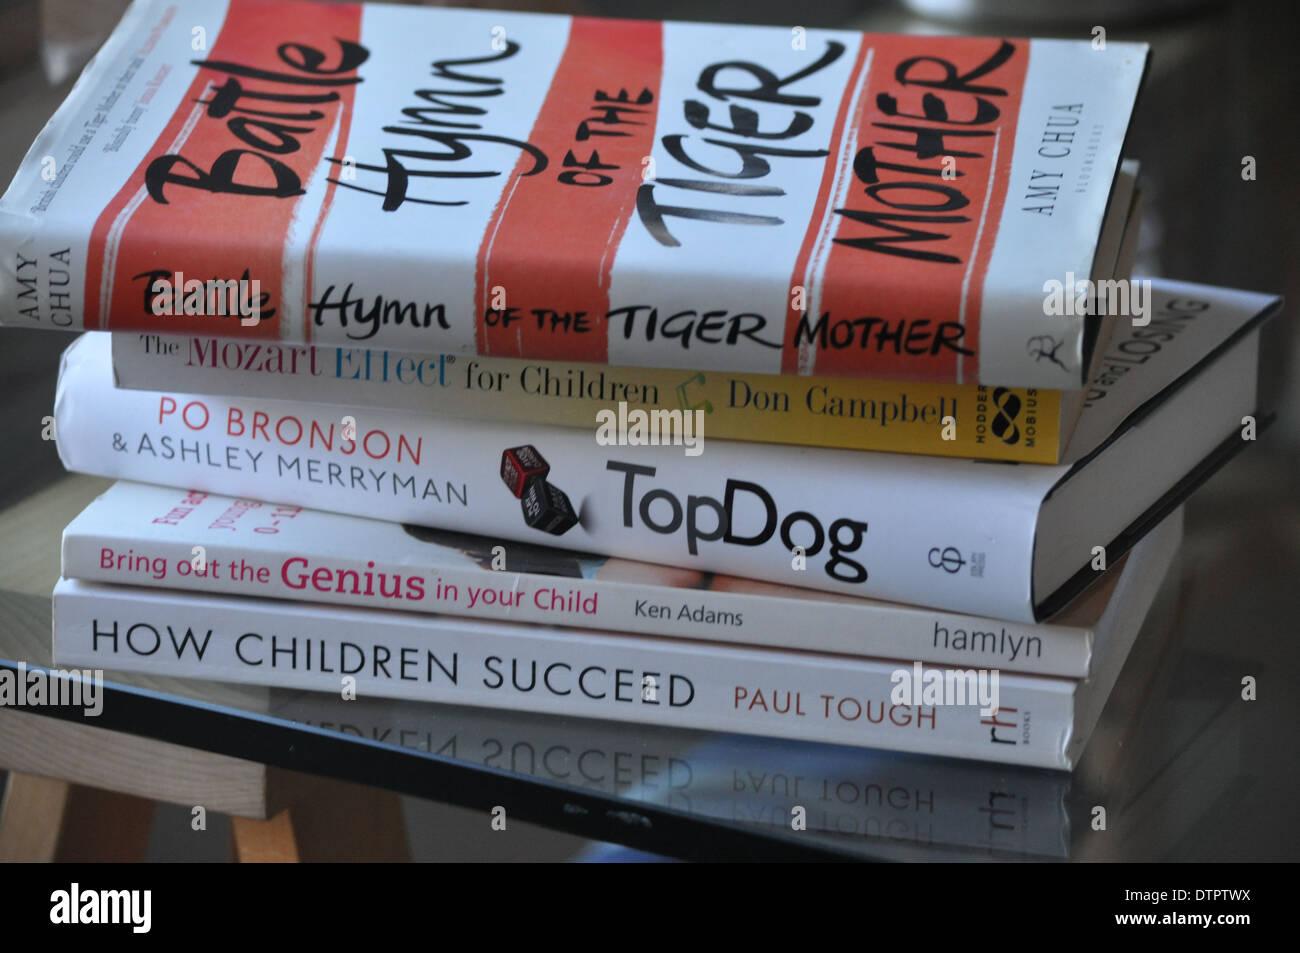 Des livres sur la parentalité concurrentiel et la façon d'être un parent agressif Photo Stock